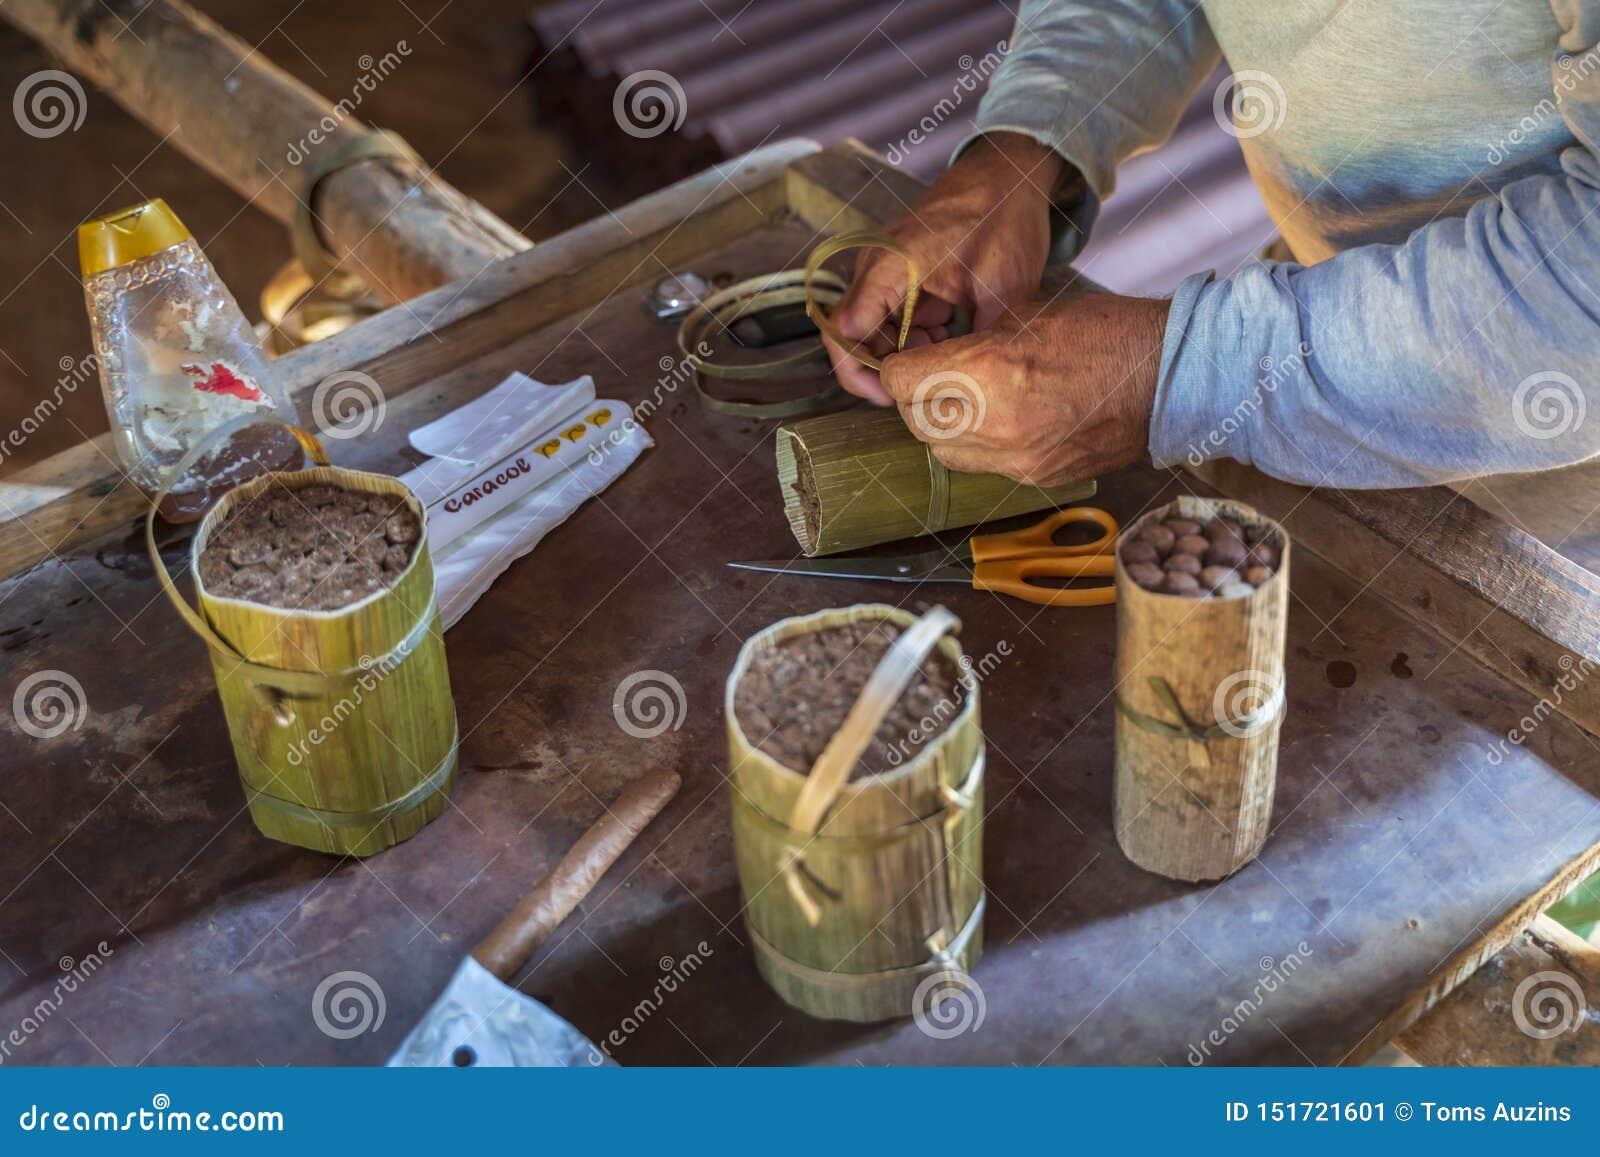 Προετοιμασία πούρων, Vinales, ΟΥΝΕΣΚΟ, επαρχία του Pinar del Rio, Κούβα, Δυτικές Ινδίες, Καραϊβικές Θάλασσες, Κεντρική Αμερική